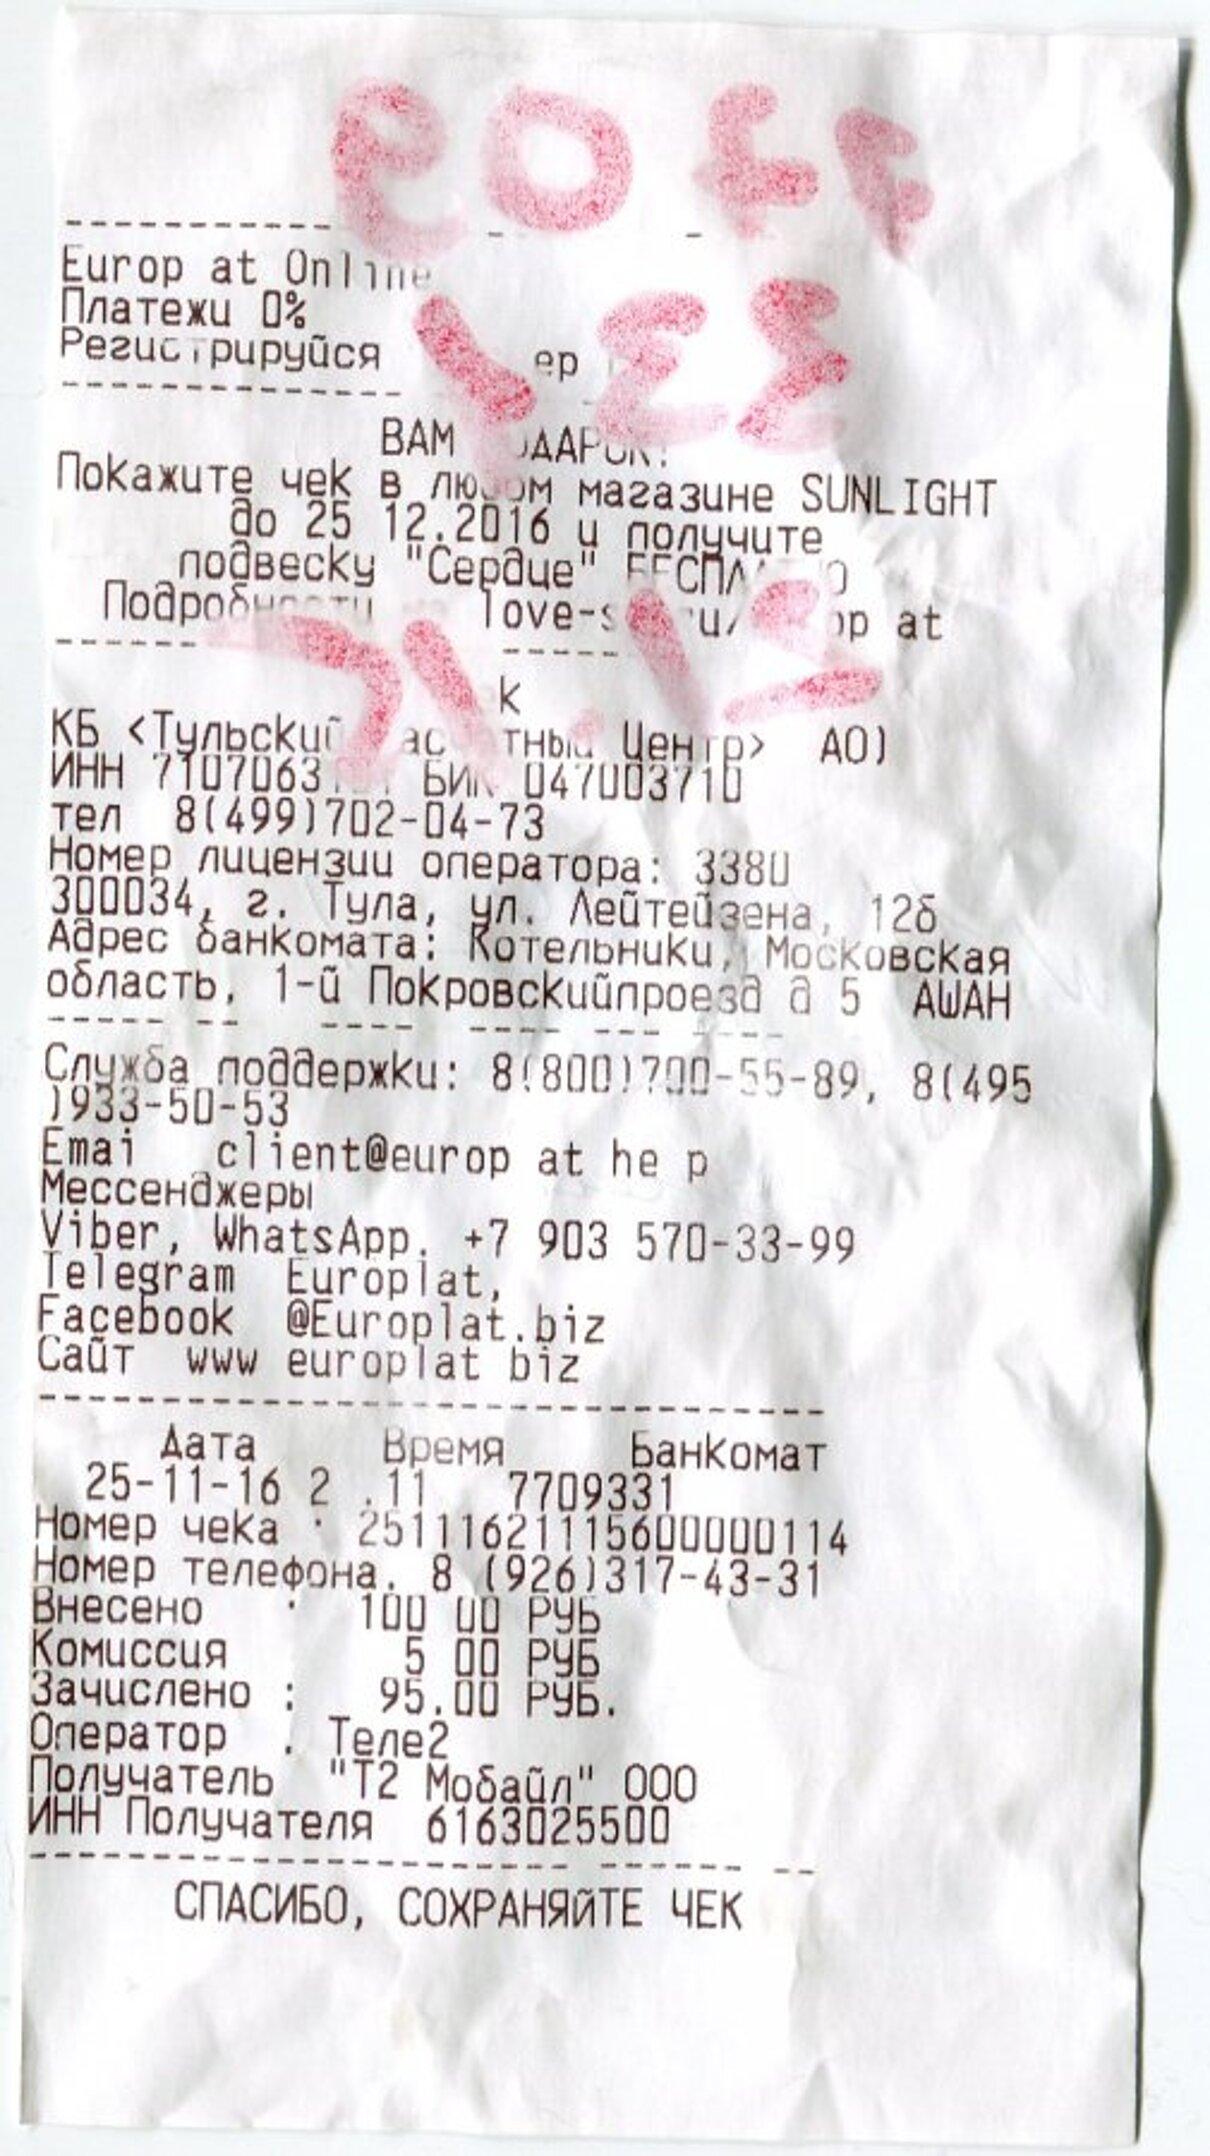 Жалоба-отзыв: Europlat.biz - Украли 100 рублей, мелочь, но не приятно.  Фото №1